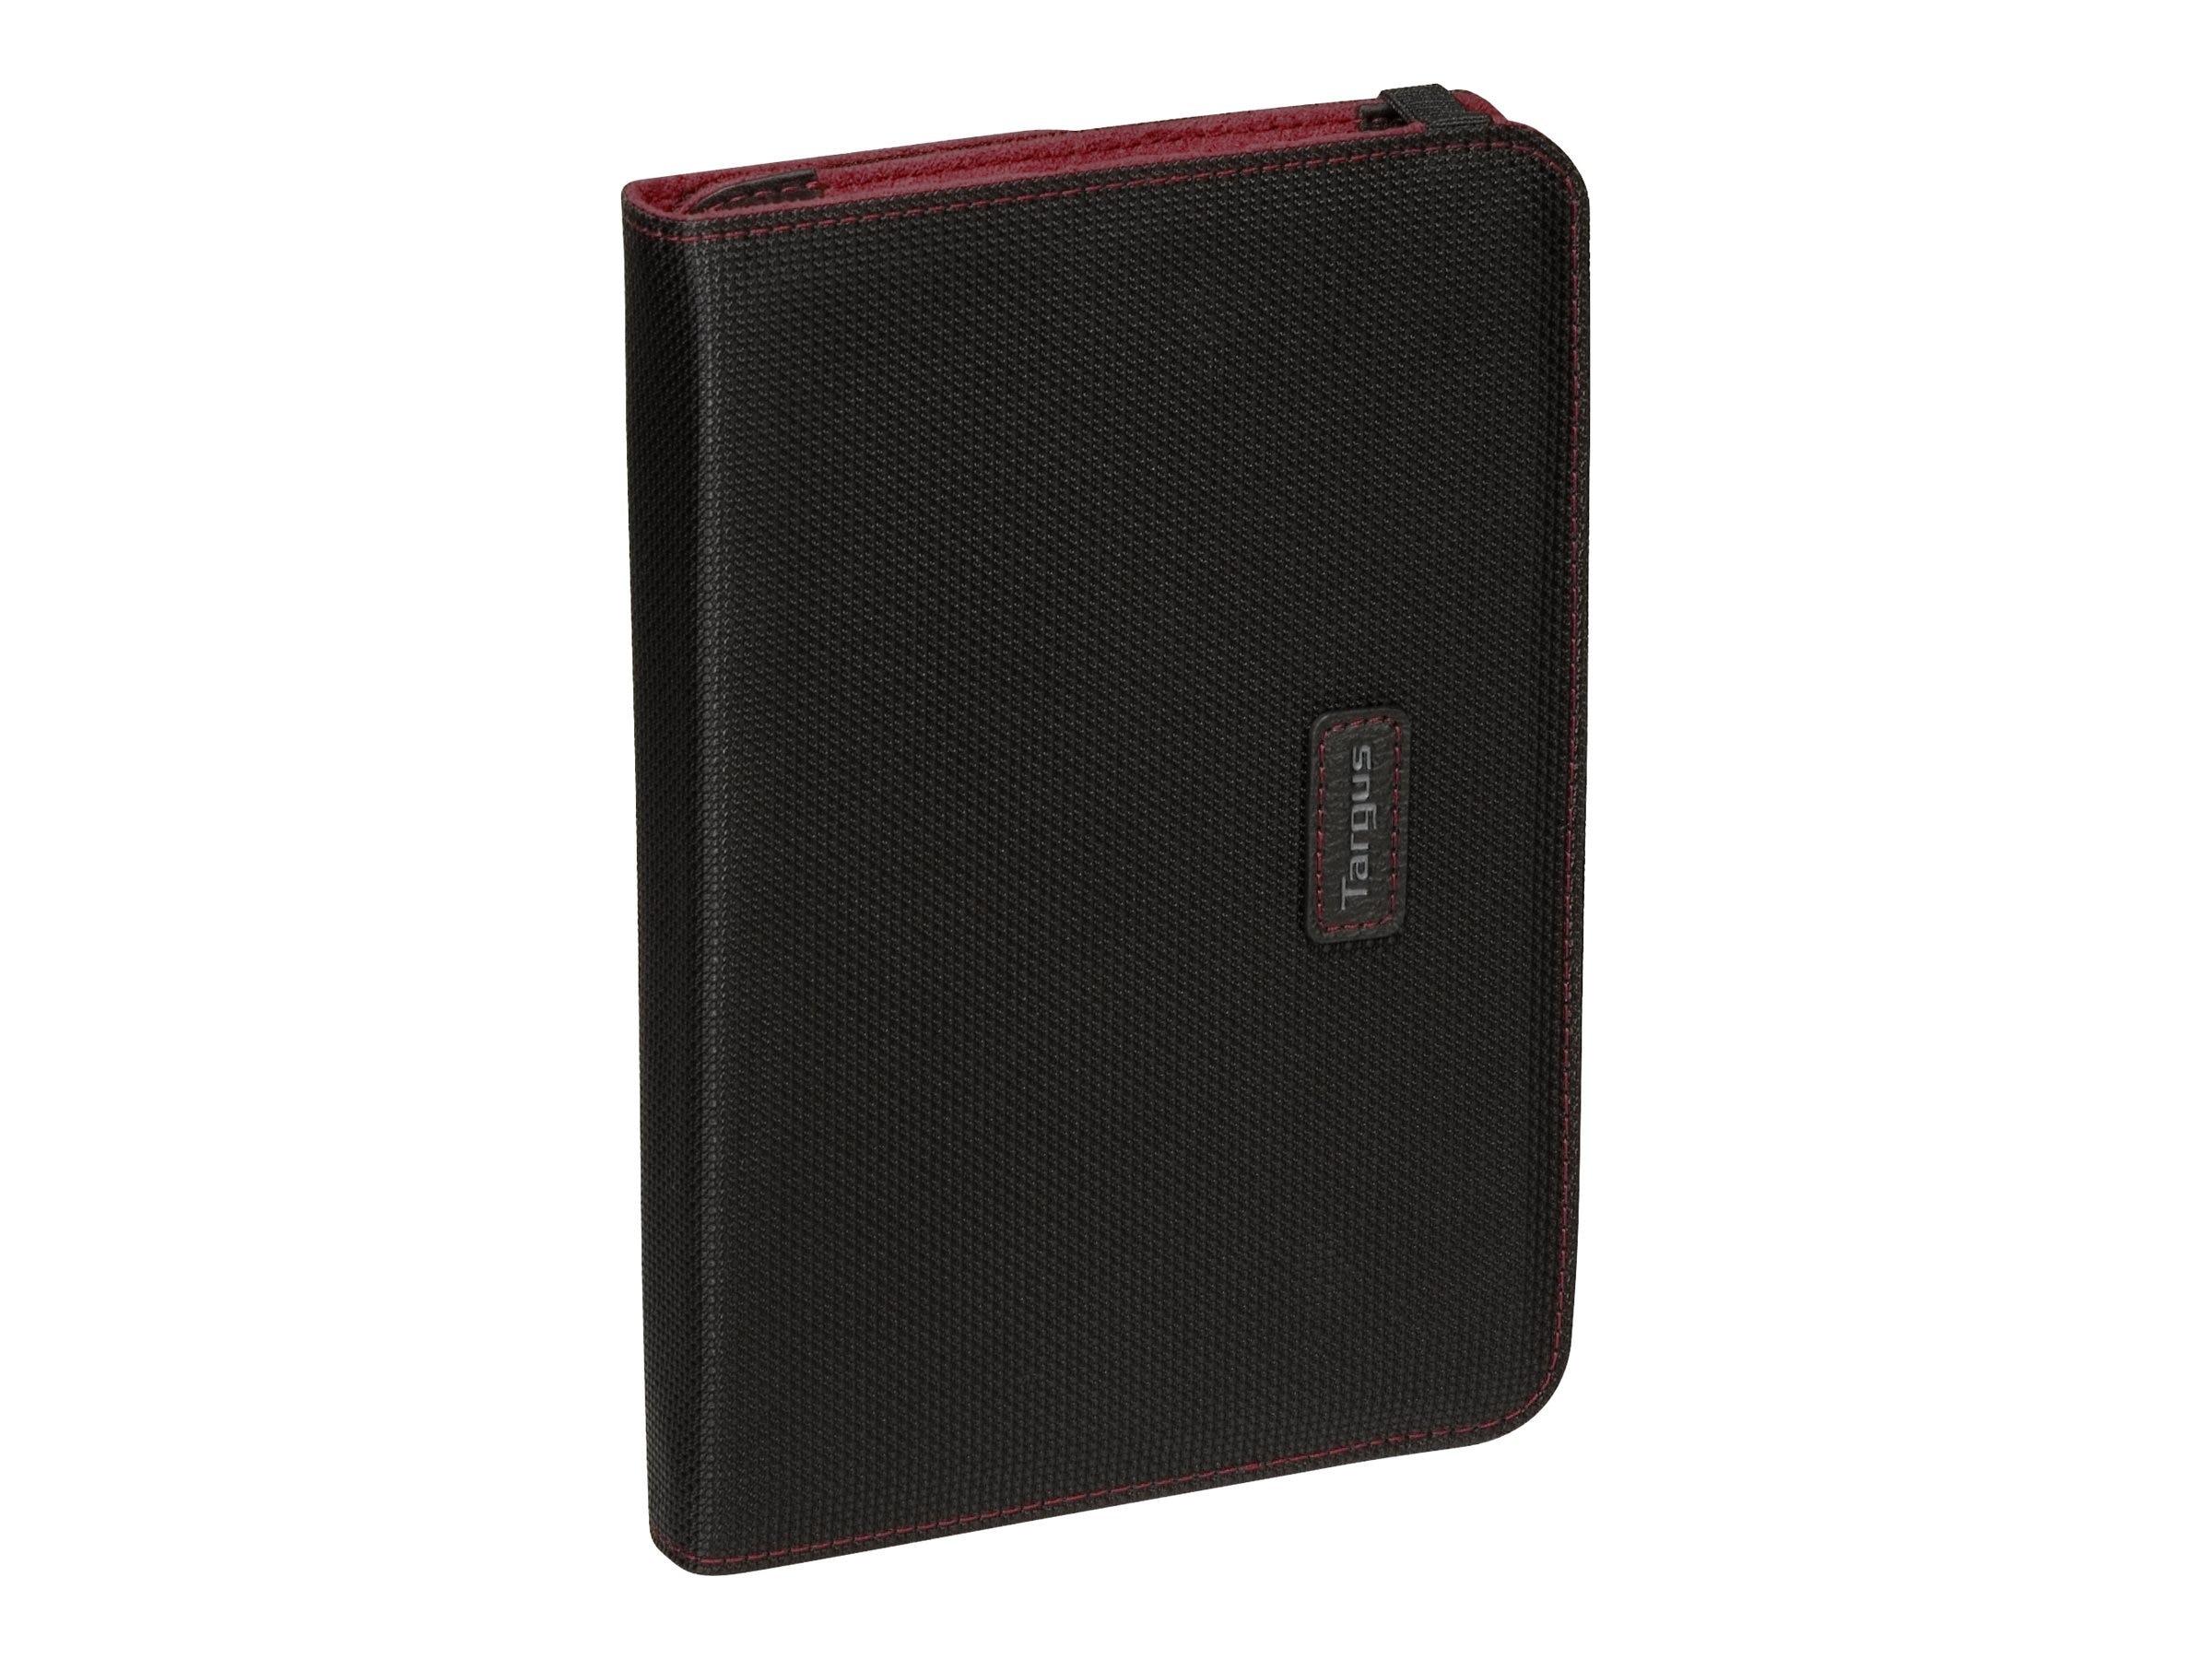 Targus Truss Nylon Case Stand for BlackBerry PlayBook, Black Red